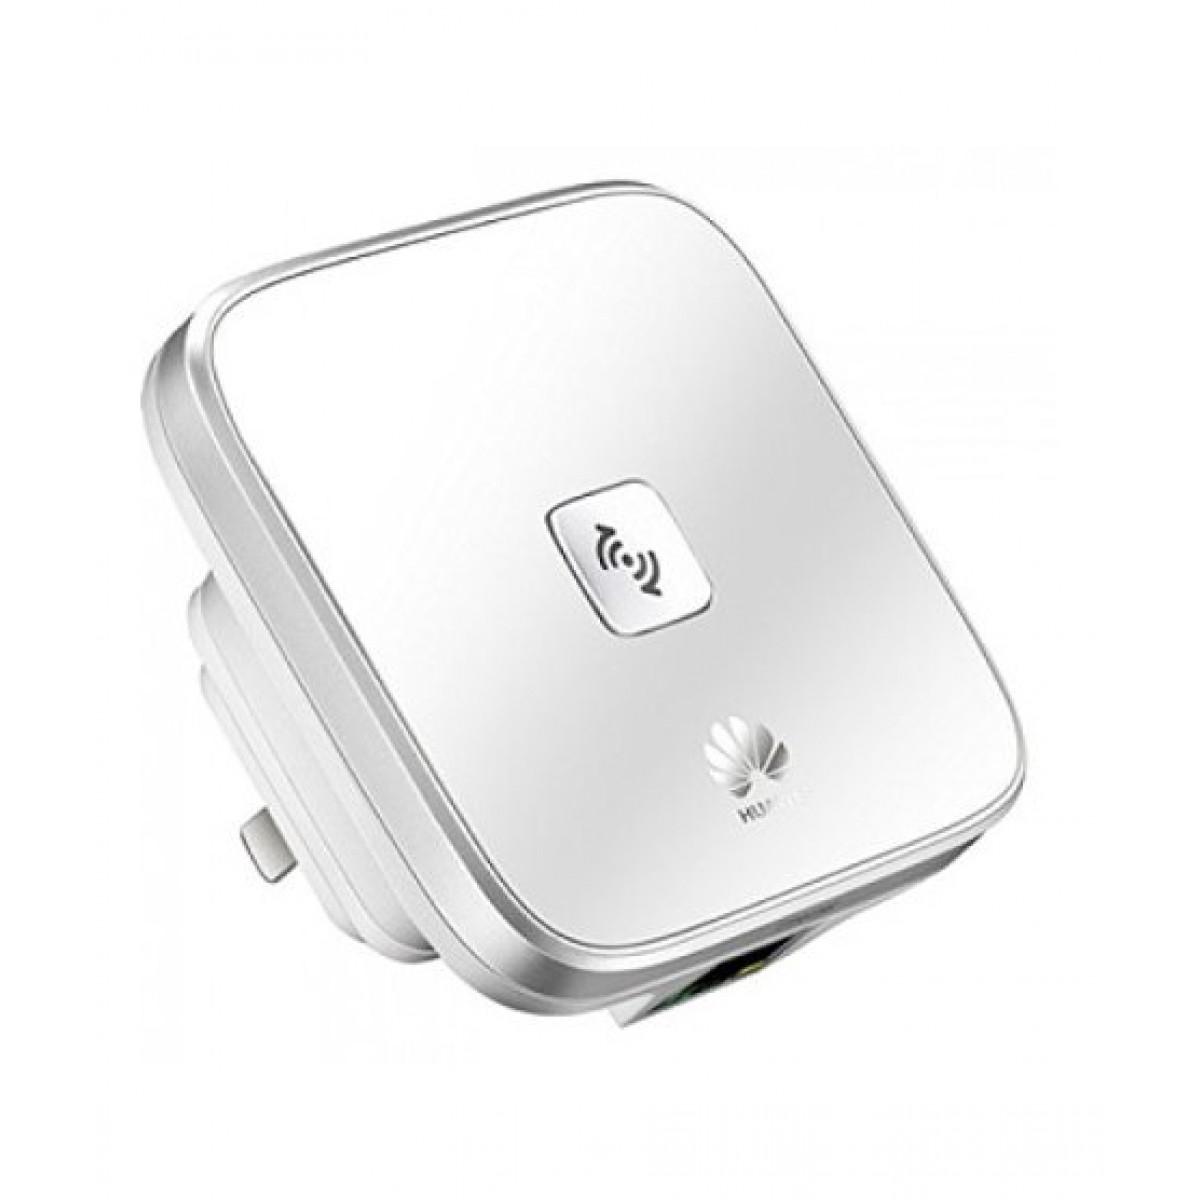 Huawei 5G & 2 4G WiFi Wireless Range Extender WS323